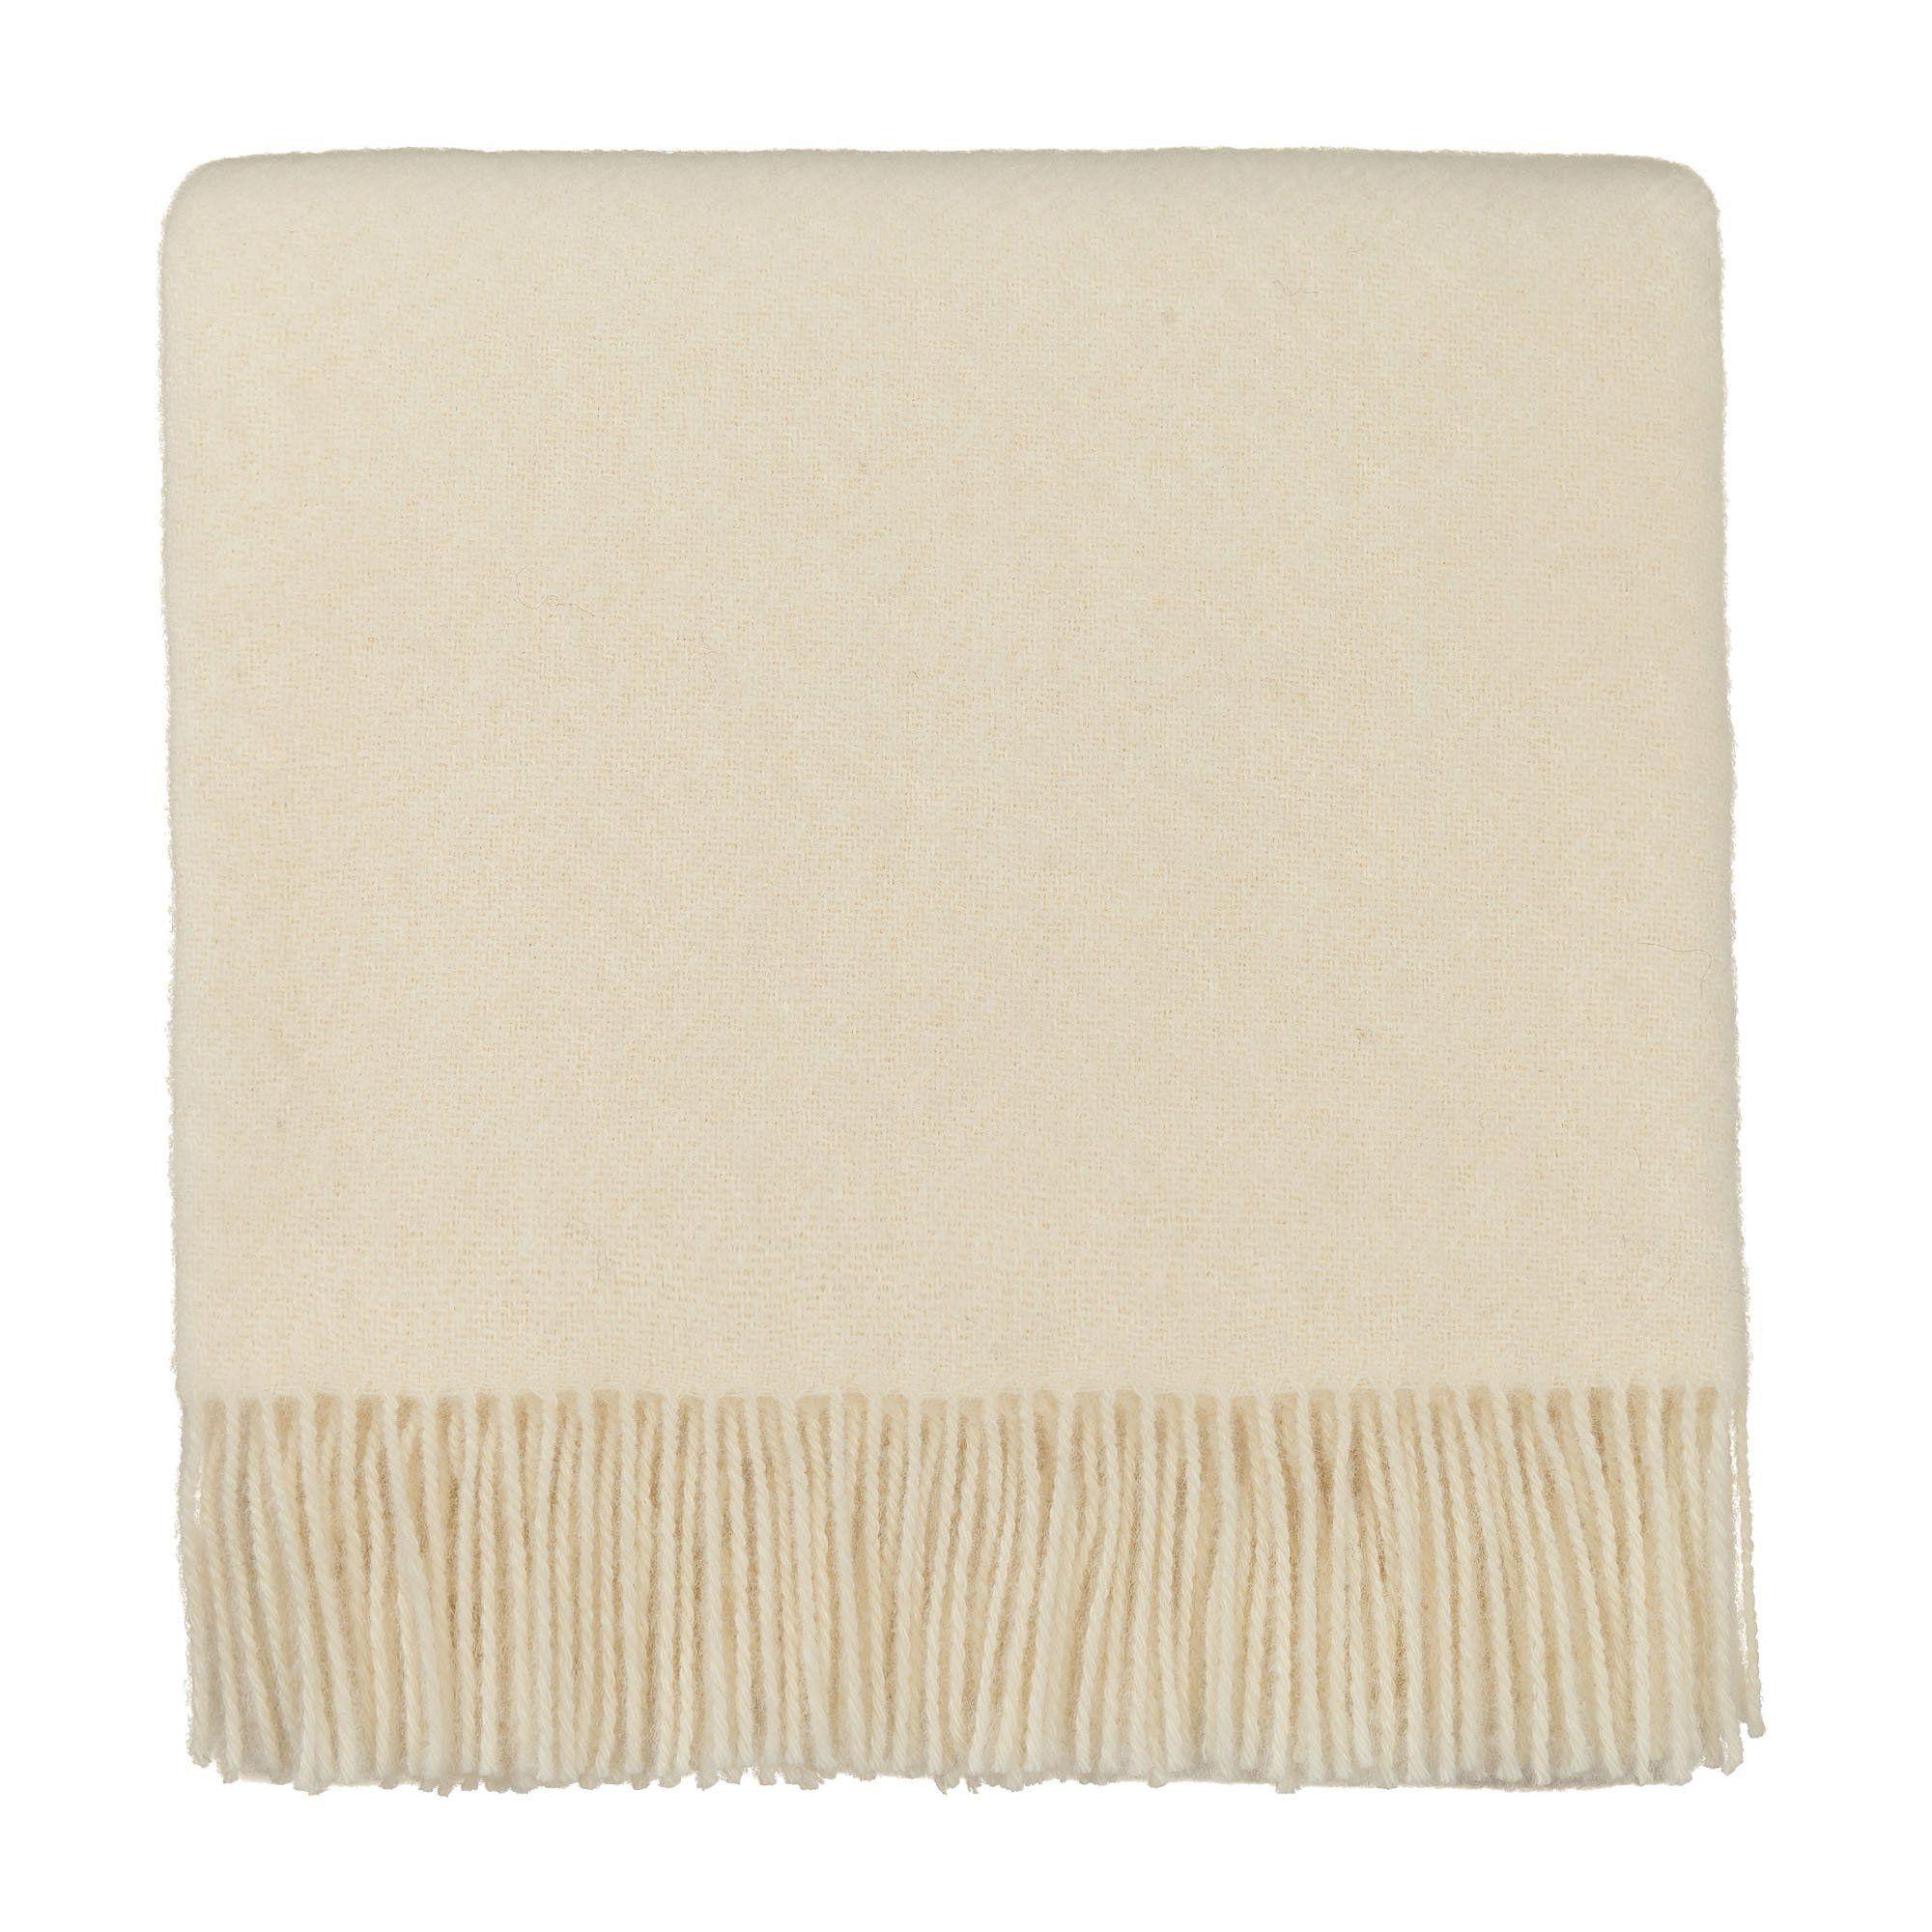 Wolldecke Miramar Eierschale 130x190 Cm Wolldecke Deckchen